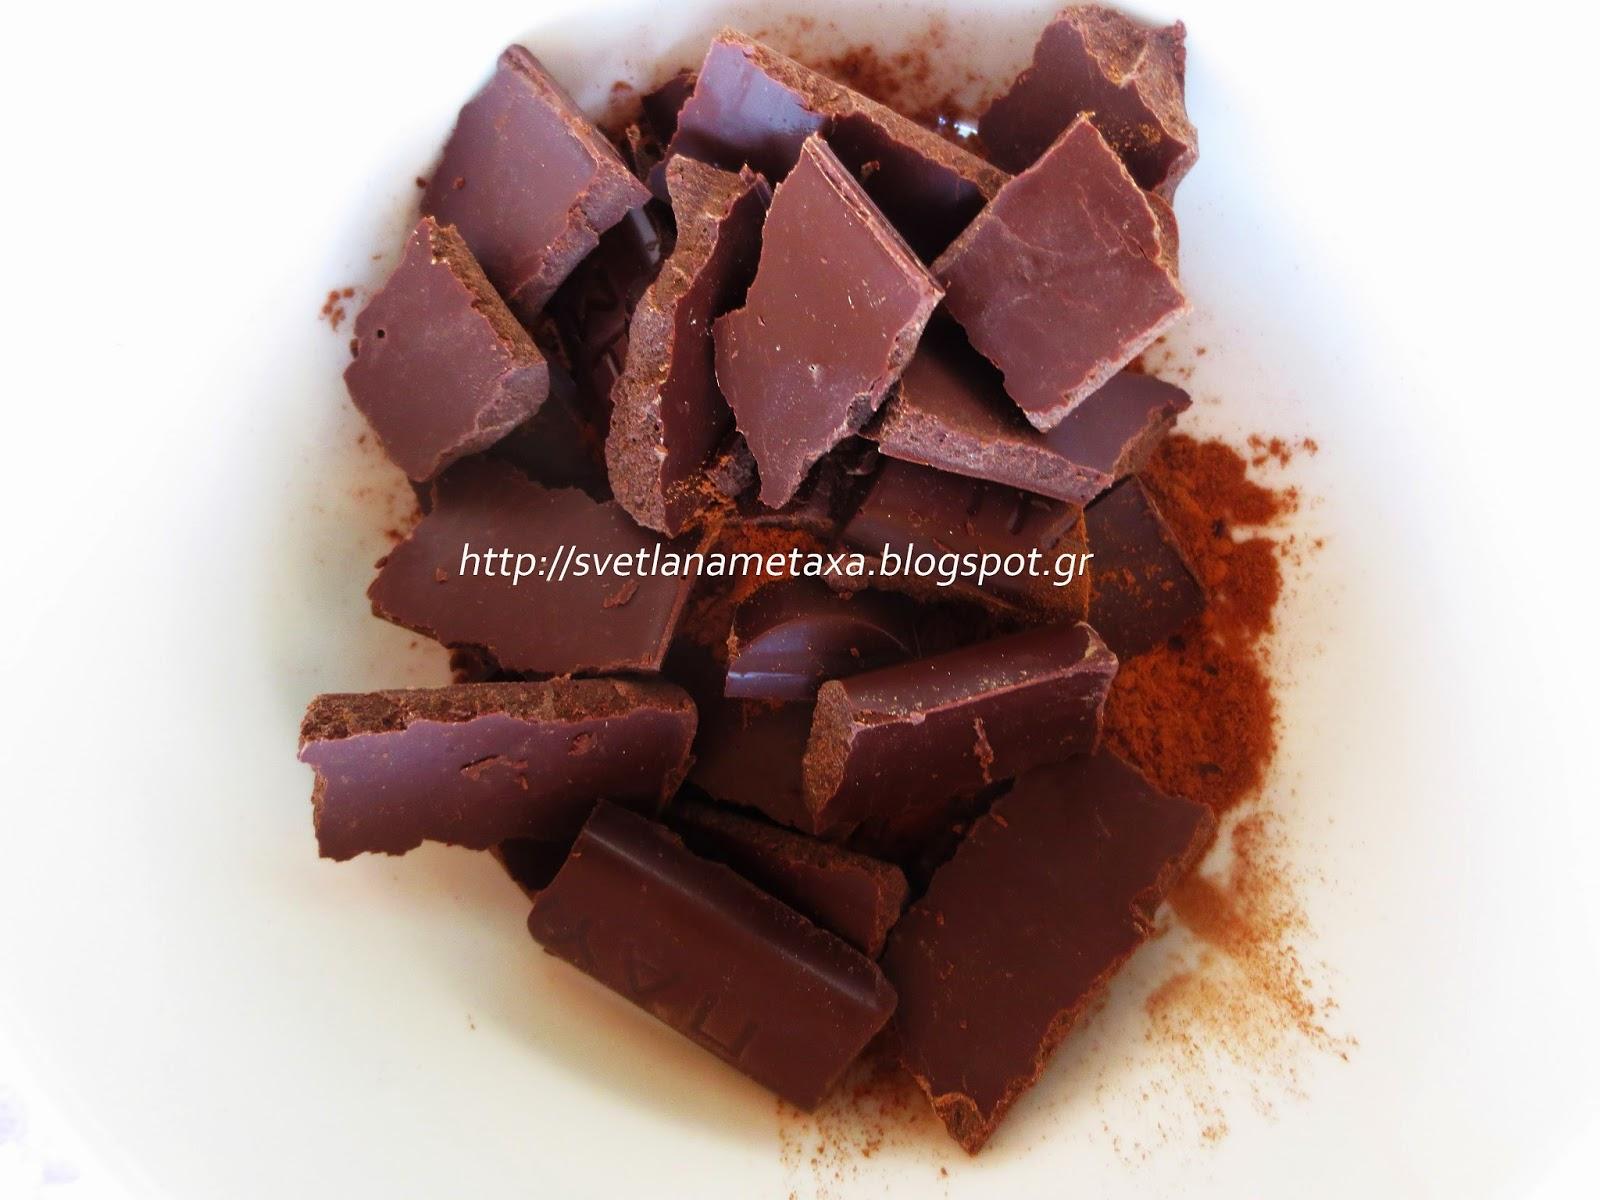 Готовим шоколад своими руками